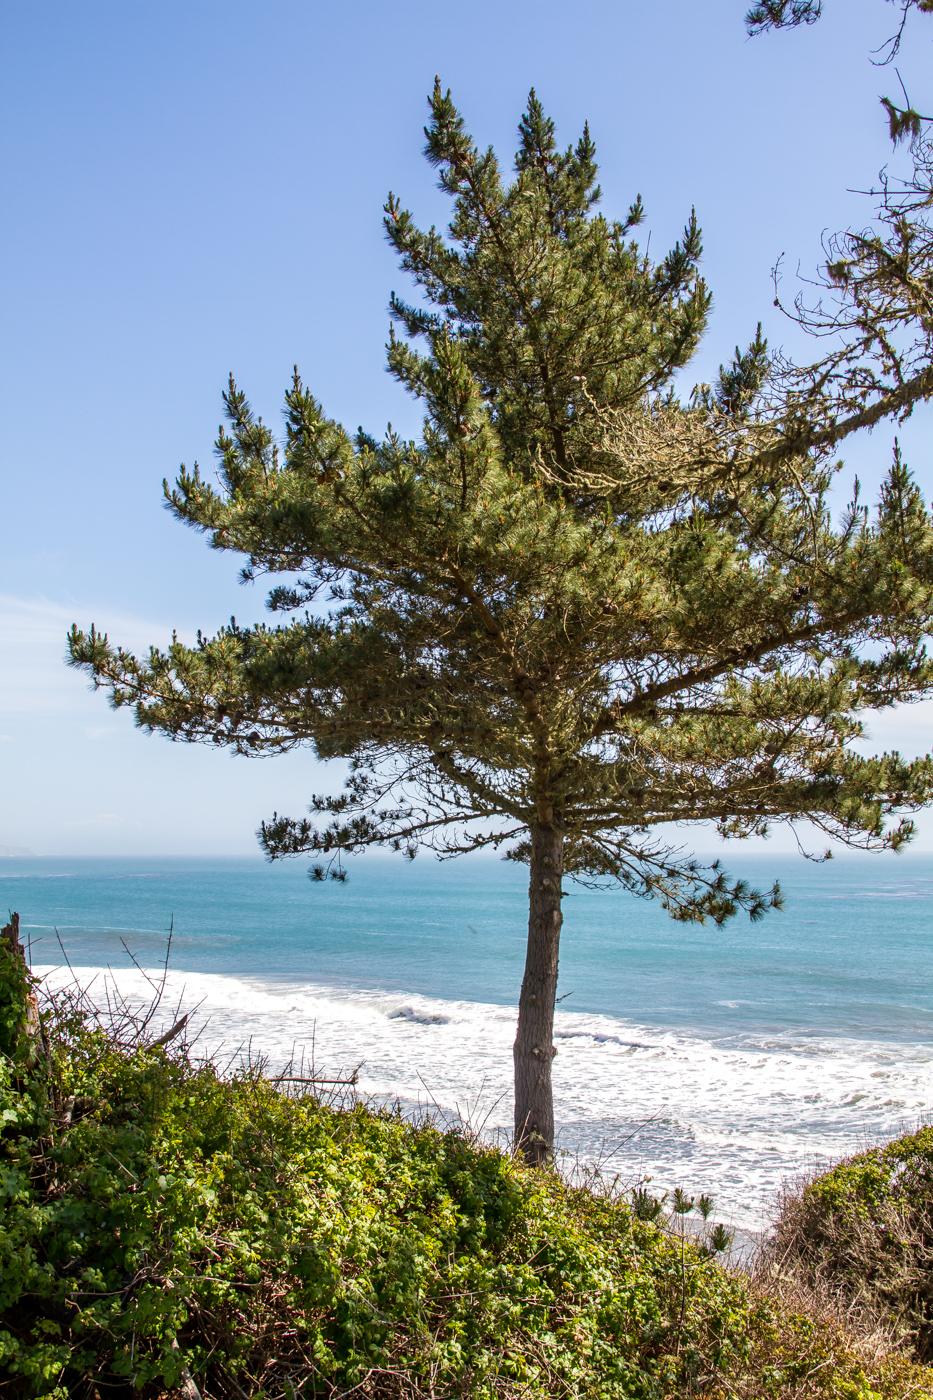 Año Nuevo State Park, Pescadero, California